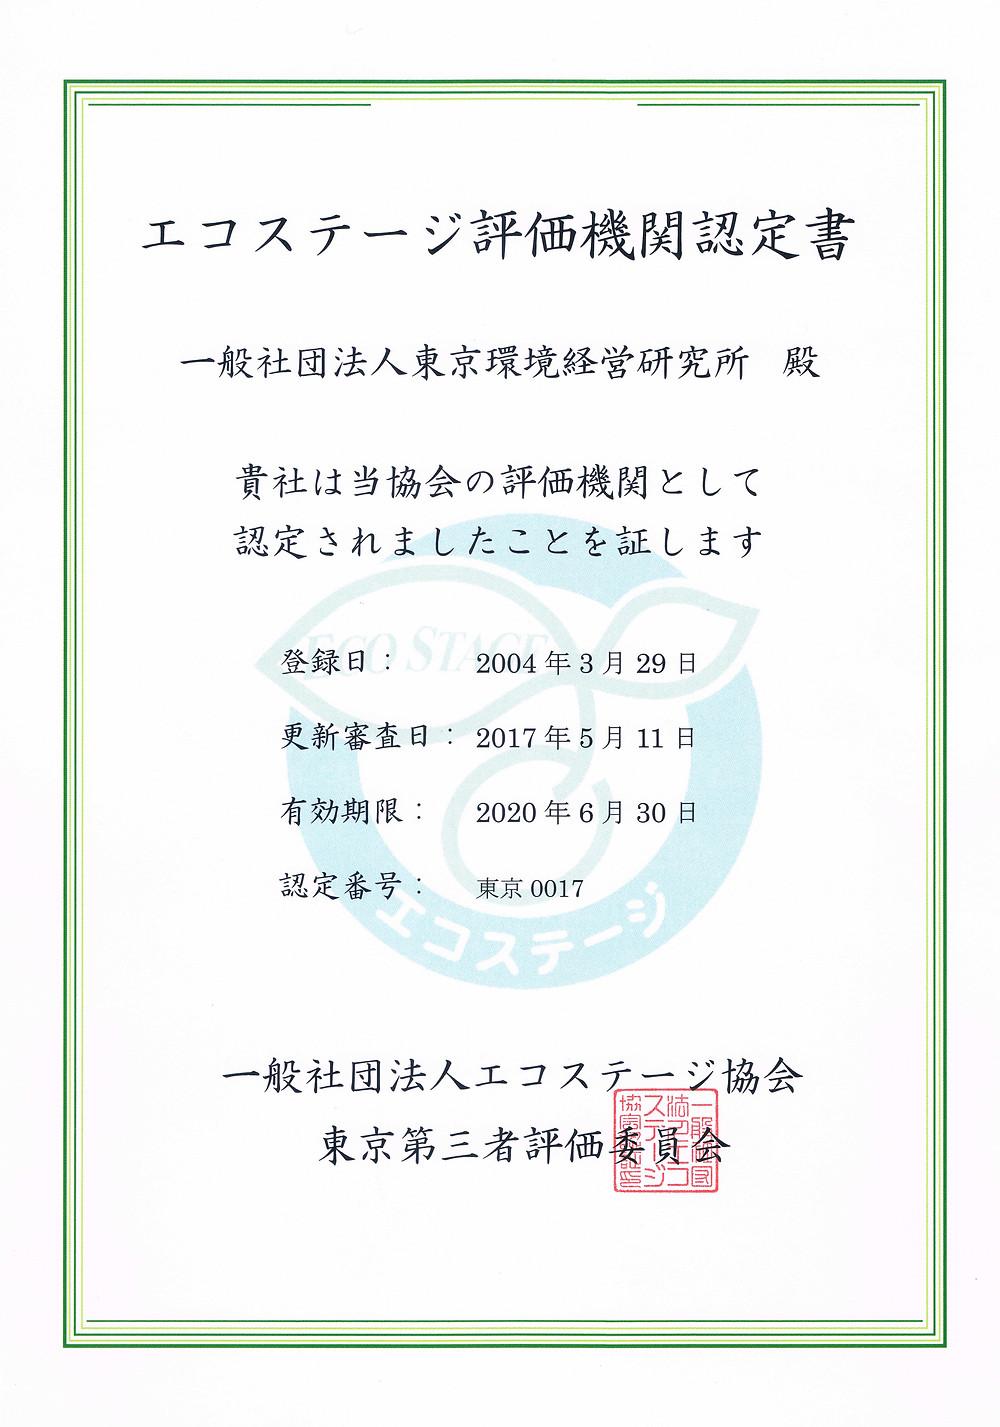 エコステージ評価機関認定書